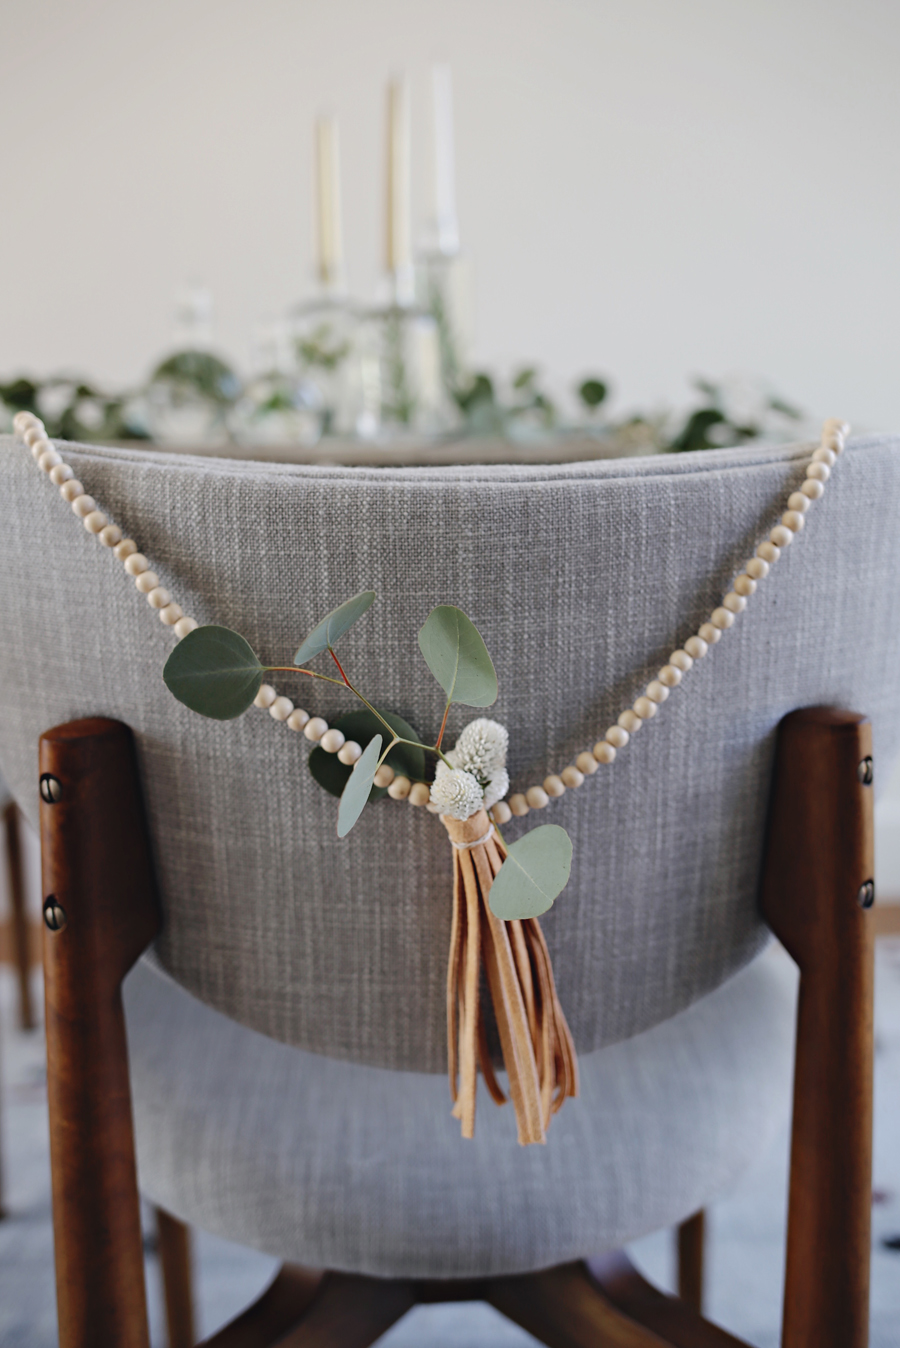 minimalist-garland-vertical-kristin-guy-dine-x-design